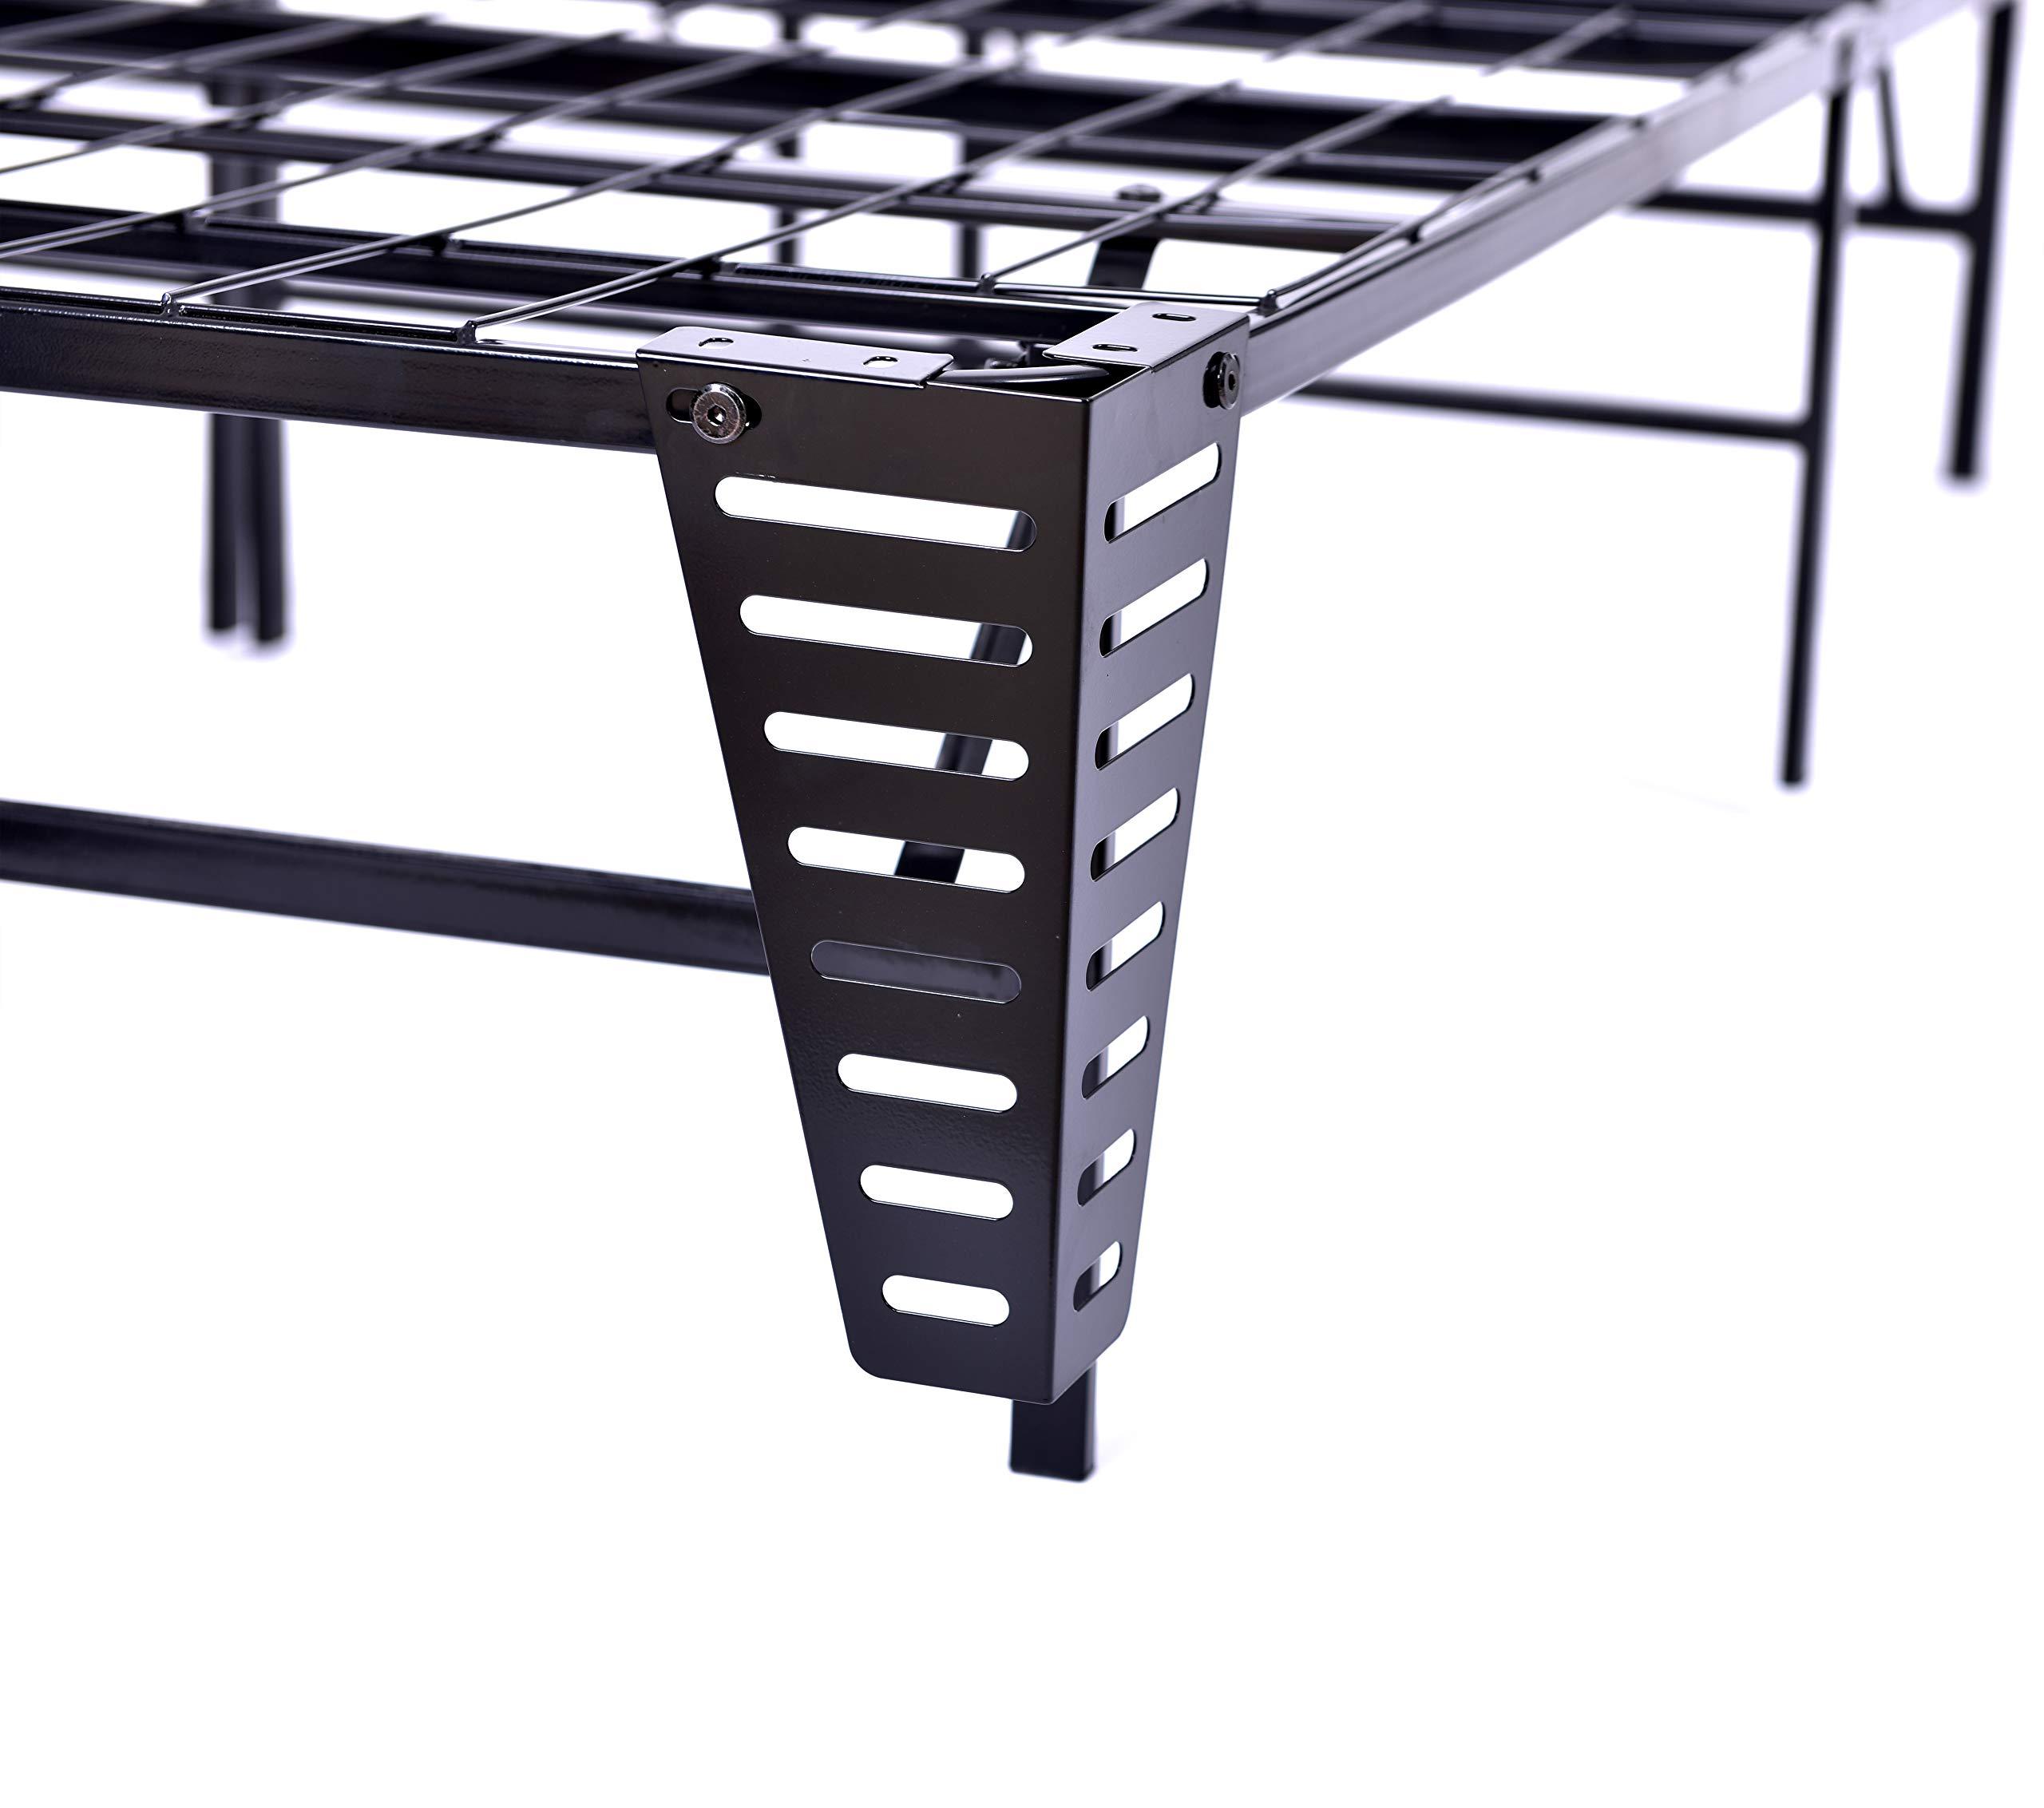 SUDE Base de Plataforma de Metal Plegable de 35,56 cm con muelles de Repuesto para colchón de Base de Acero Resistente, Color Negro: Amazon.es: Juguetes y juegos